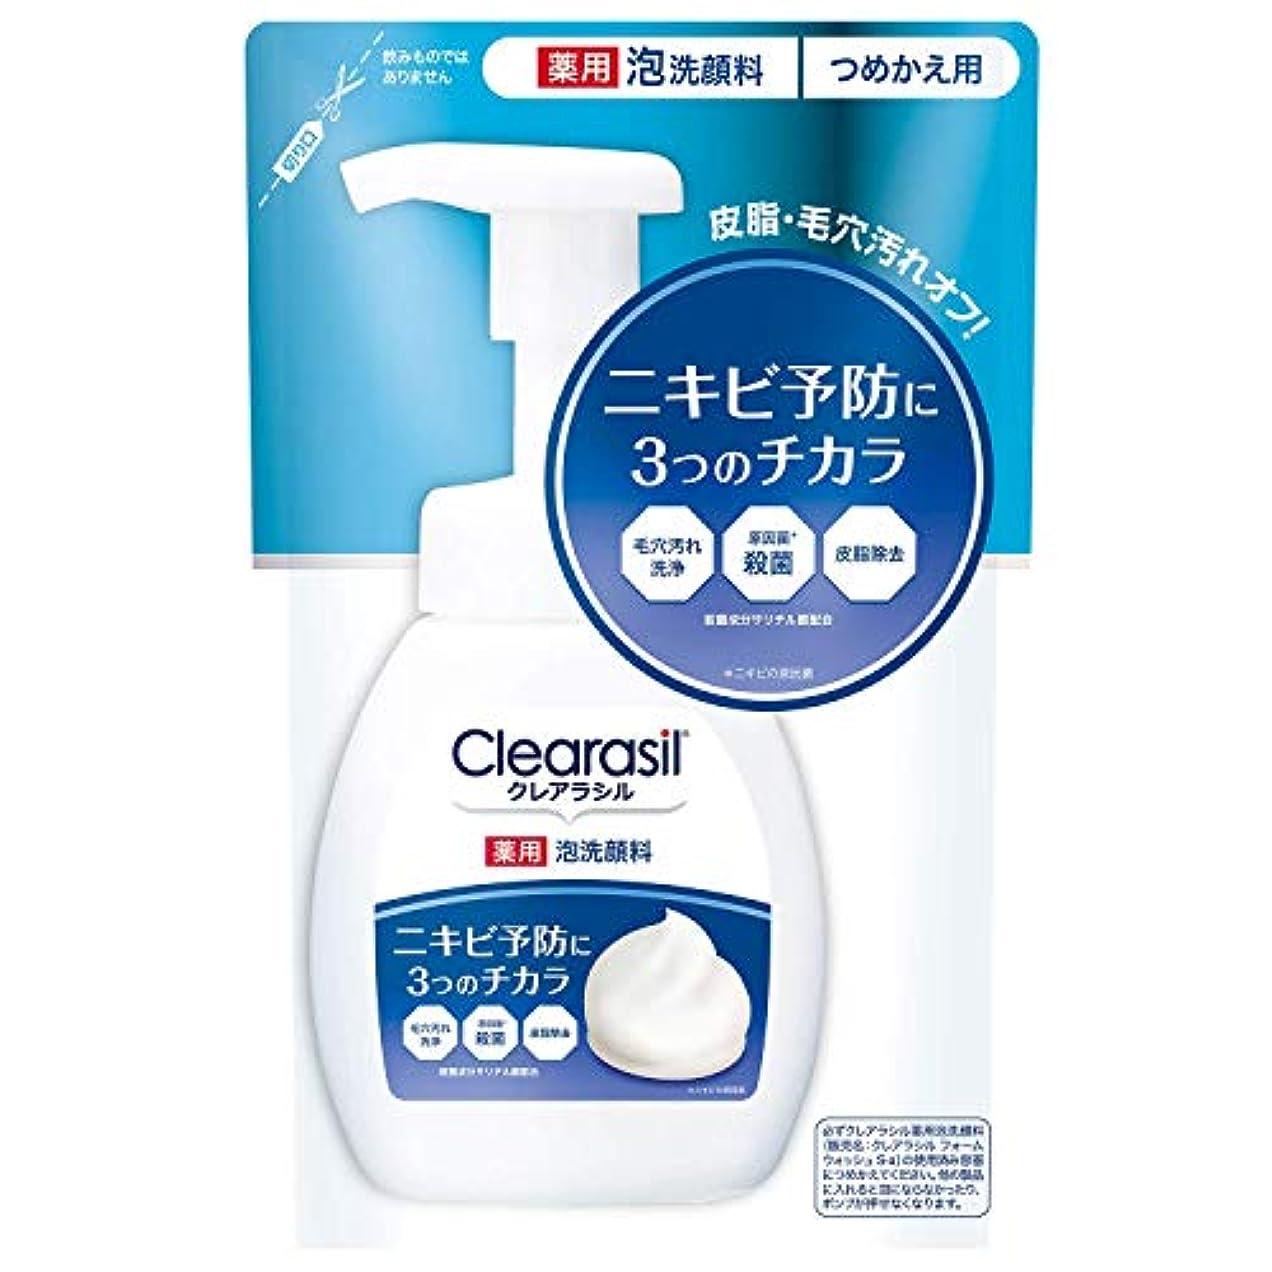 旅いつバリケード【clearasil】クレアラシル 薬用泡洗顔フォーム10 つめかえ用 (180ml) ×10個セット